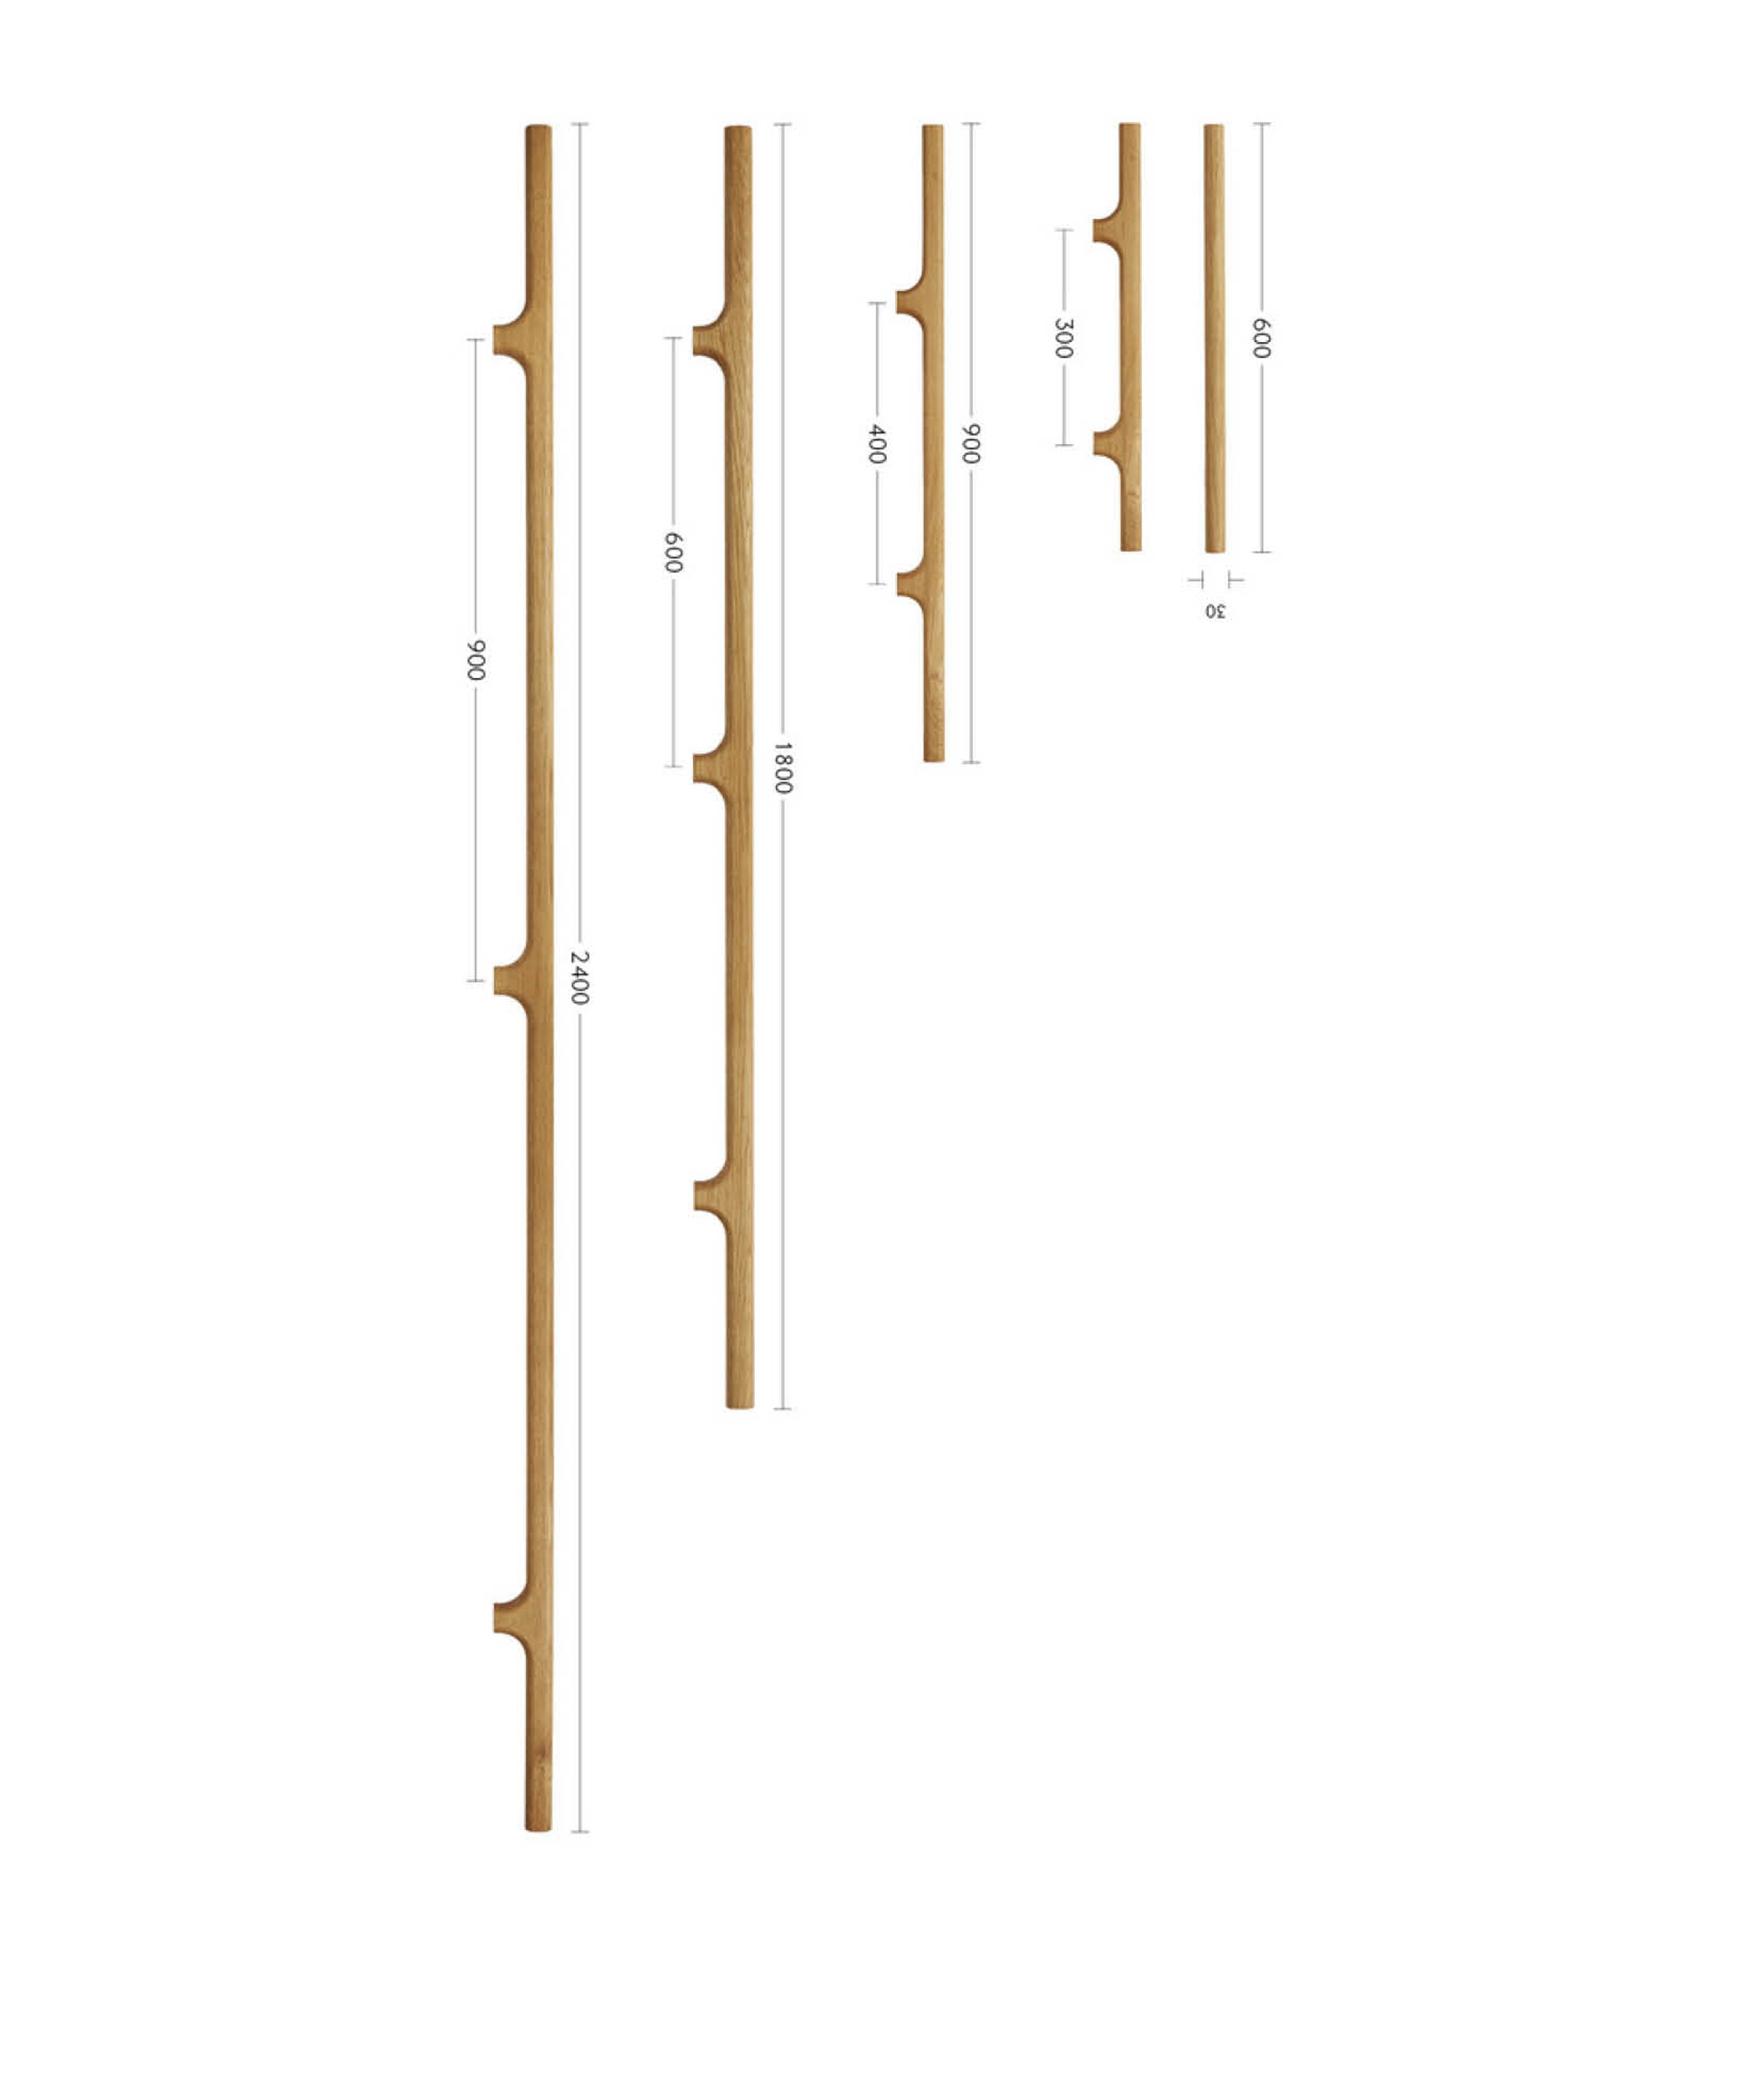 Mowat and Company Design for Wooden Door Handles